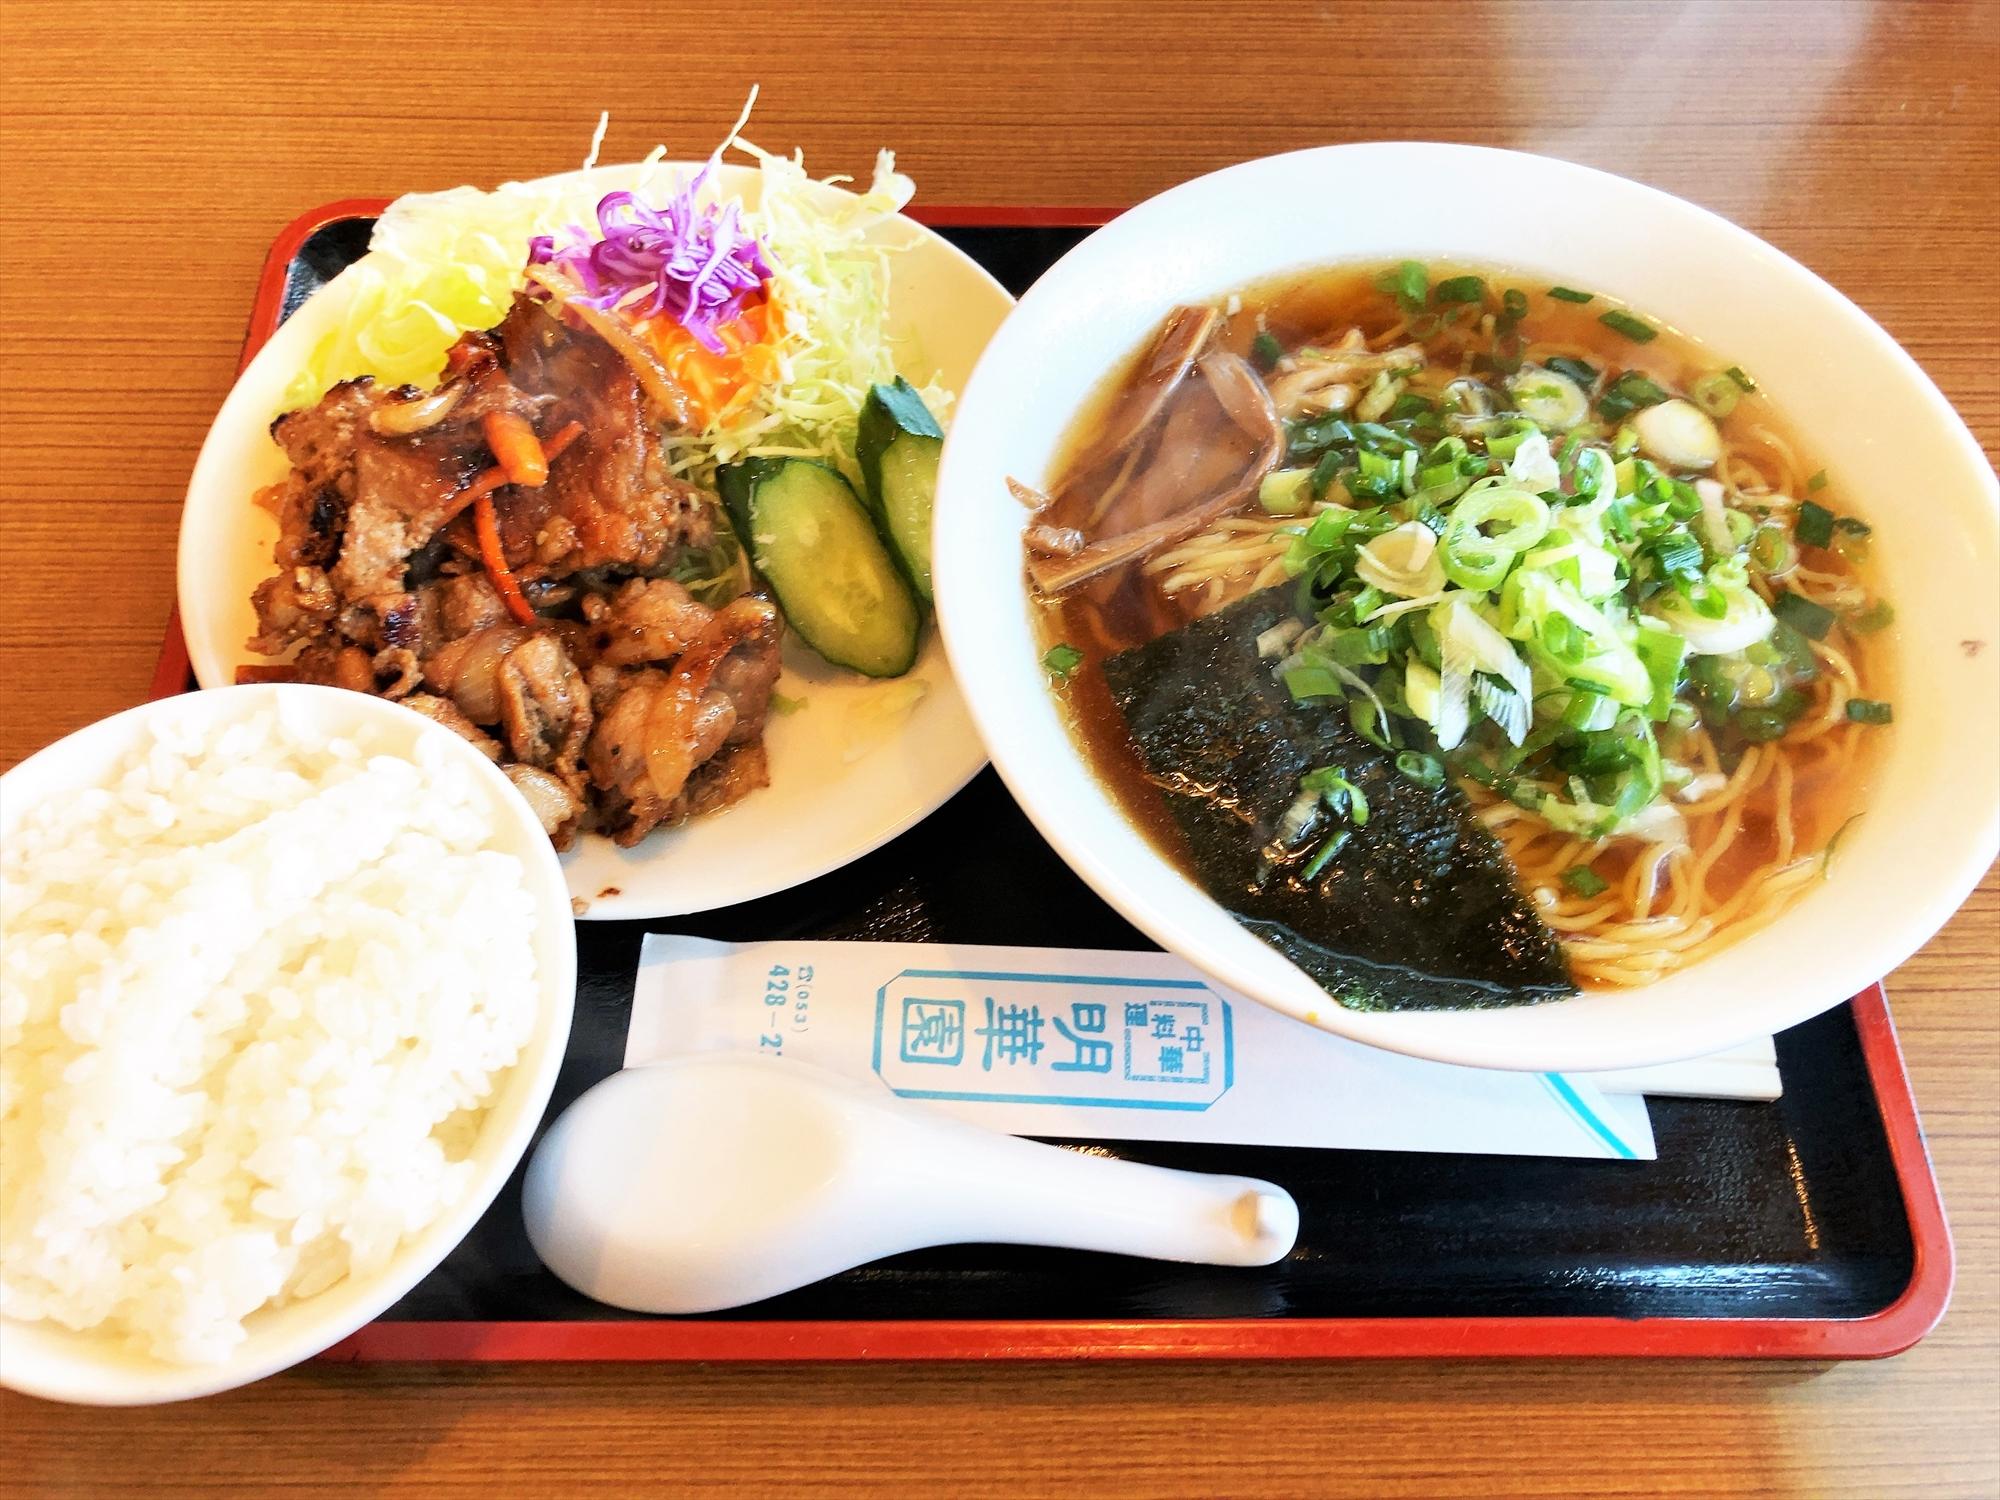 中華料理 明華園「ラーメン+焼肉ランチ」